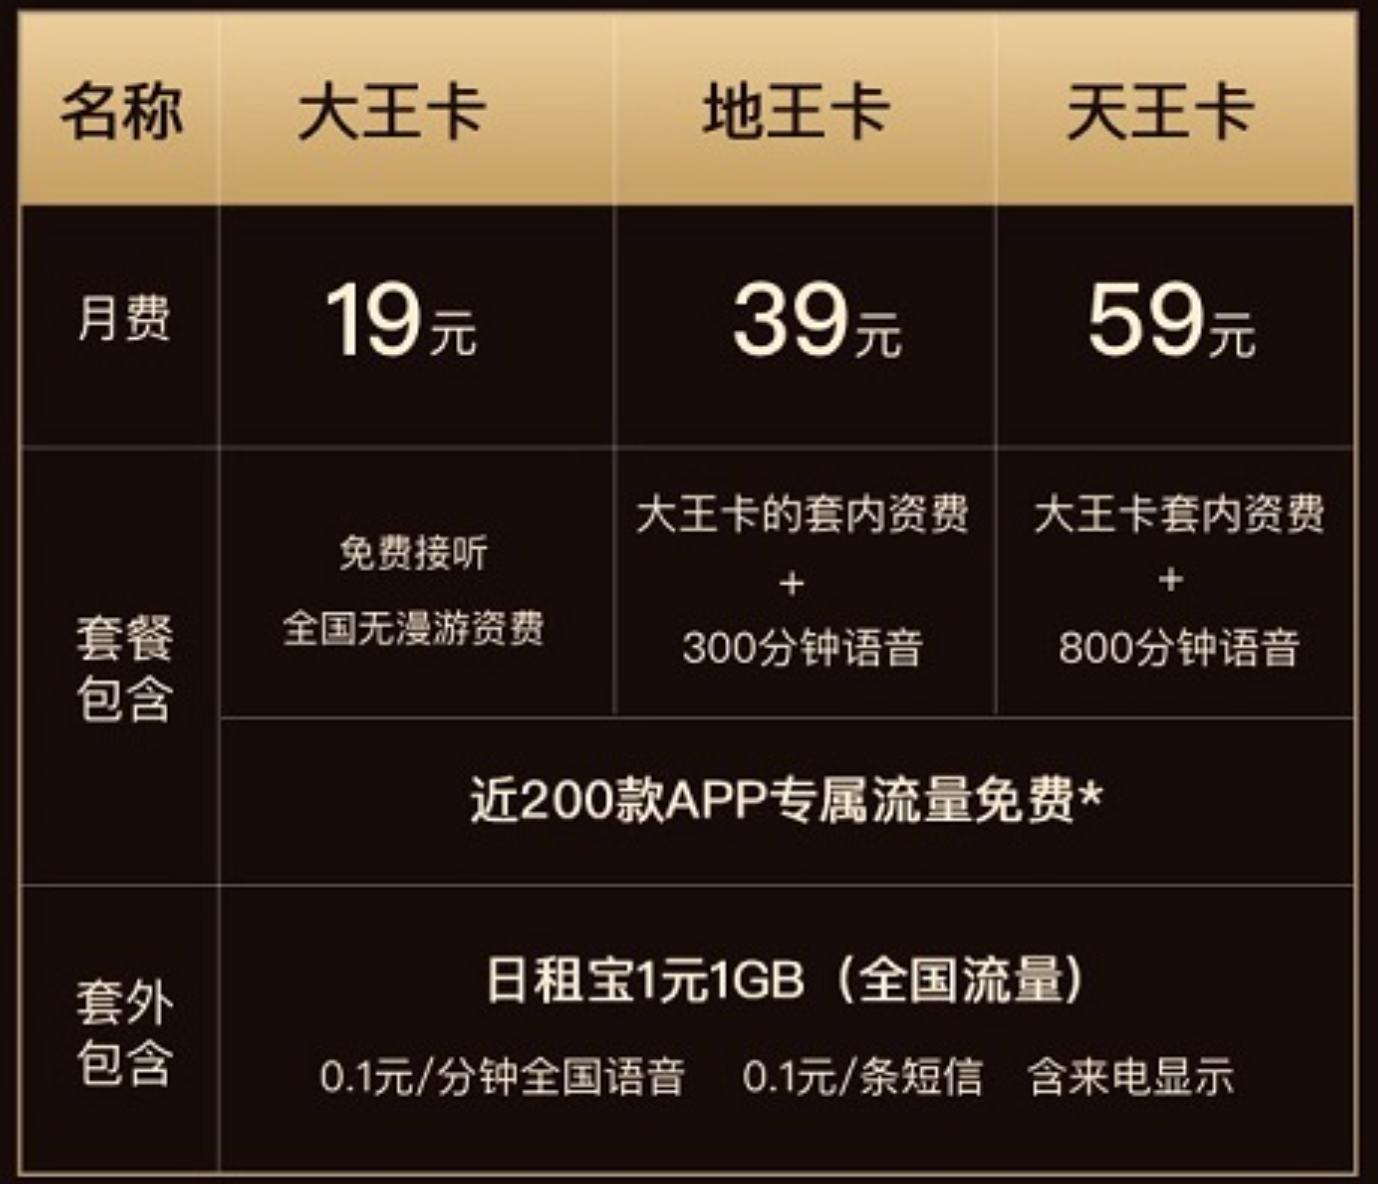 学生申请攻略:腾讯大王卡套餐介绍详